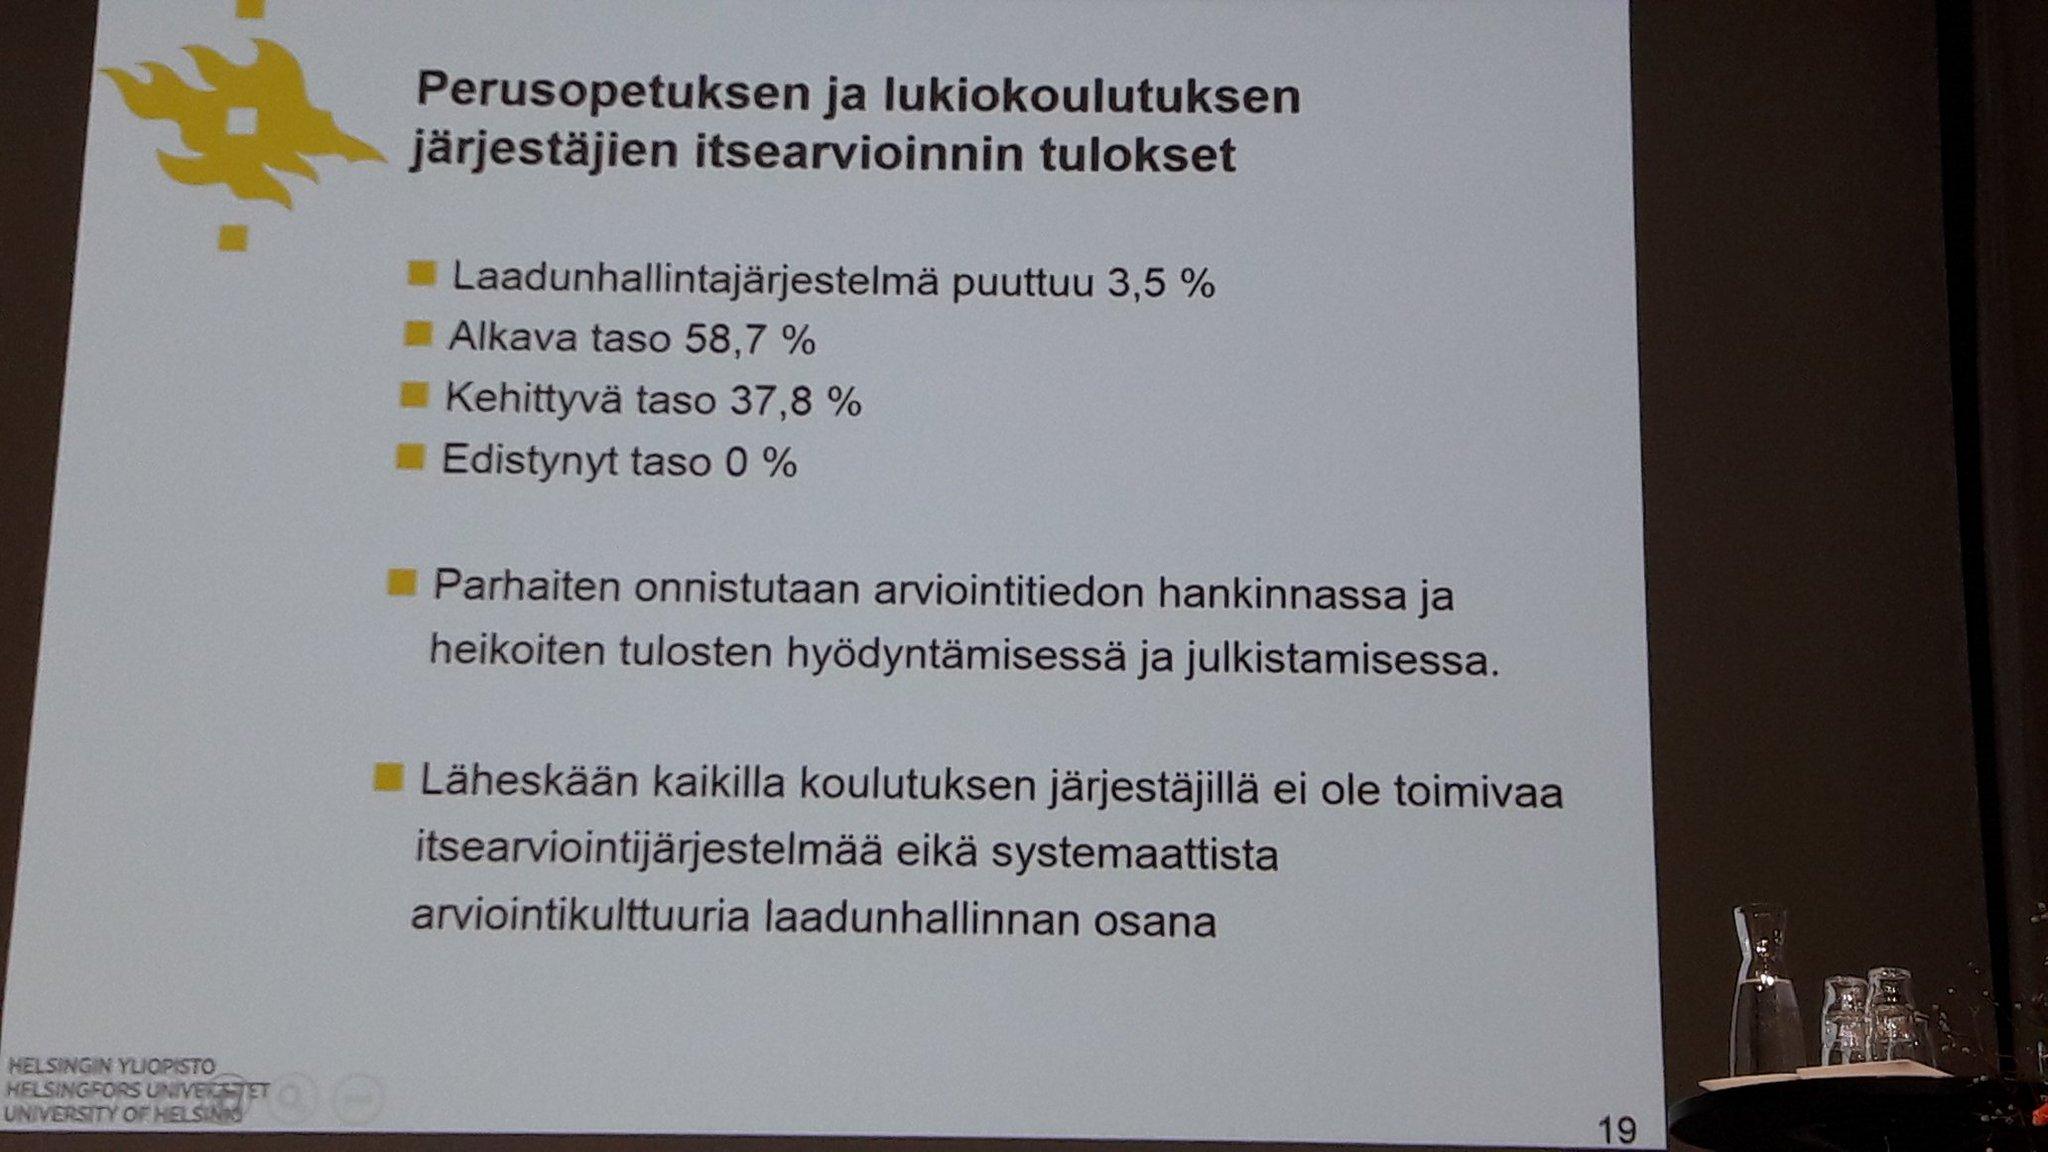 Koulutuksen järjestäjä tarvitsee systemaattisen arviointijärjestelmän.  #arviointikulttuuri #arviointi2017 @Opetushallitus https://t.co/cQ6fPM3AJj